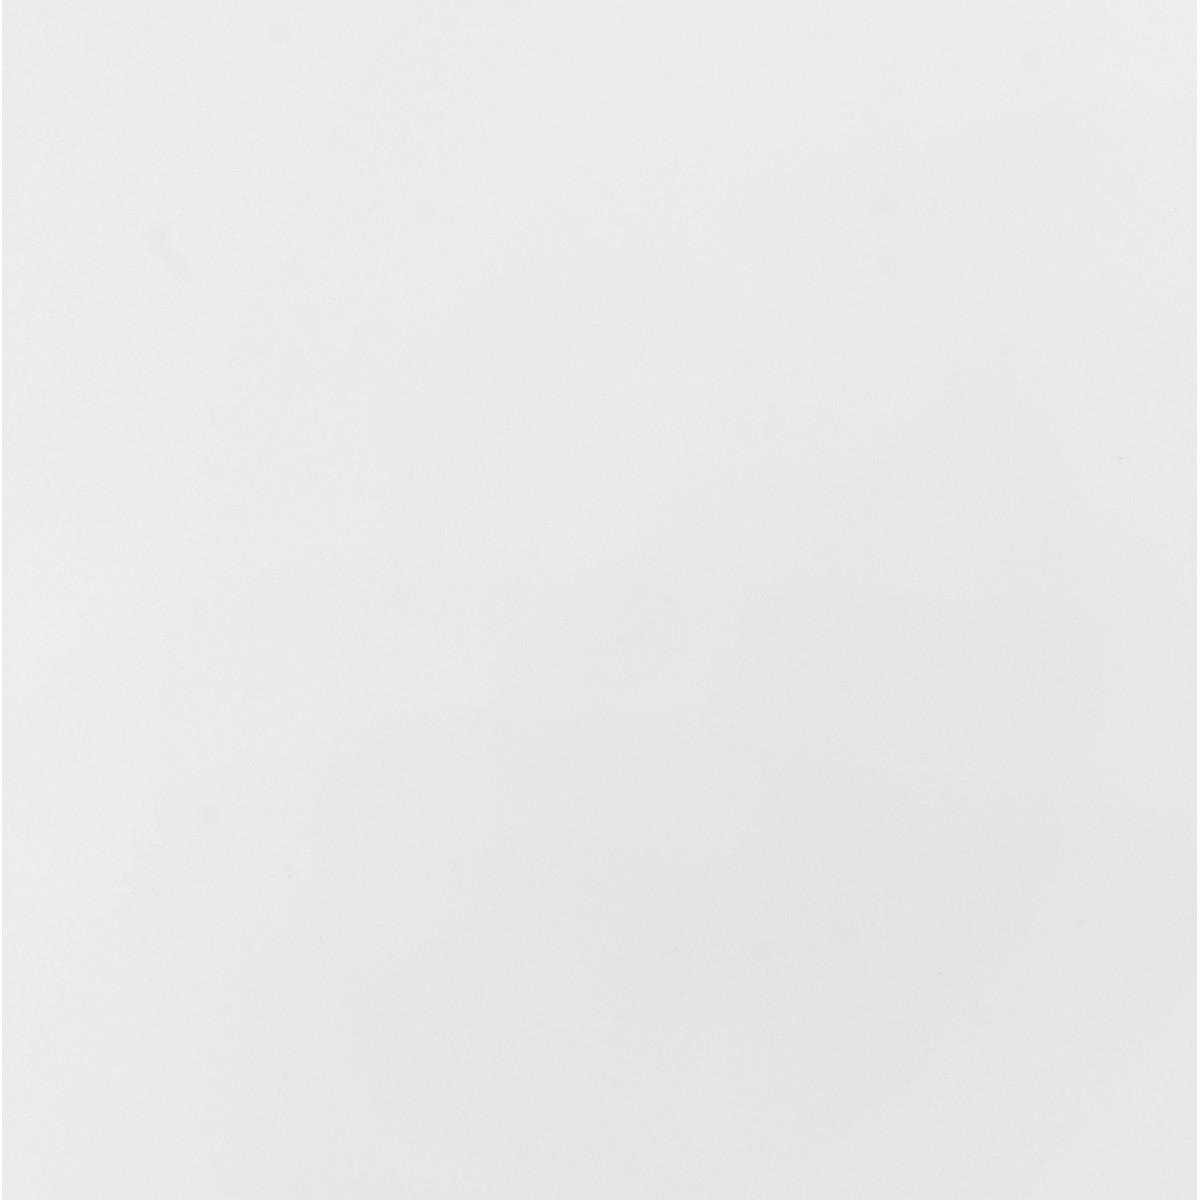 Задняя стенка КУБ 34.5x34.5 см цвет белый 4 шт